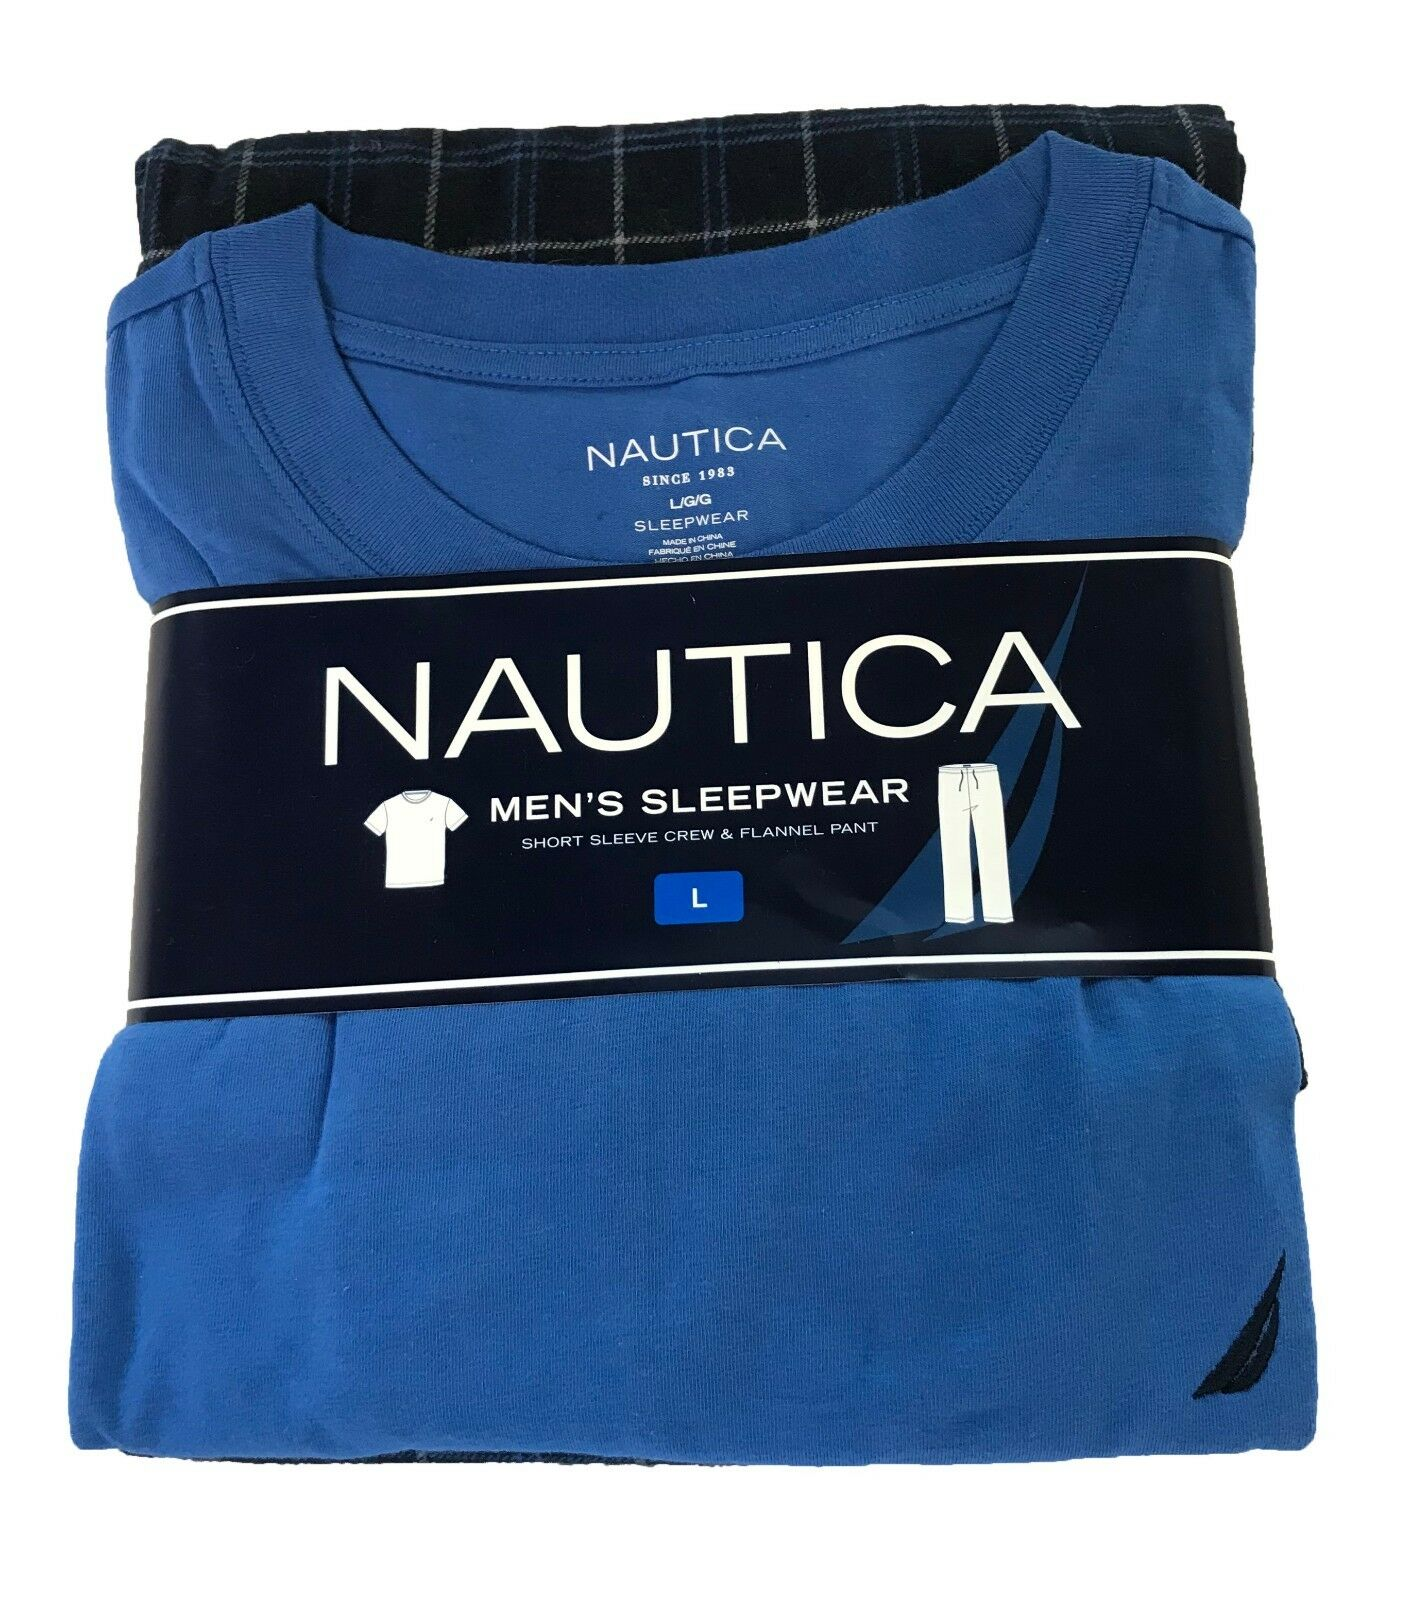 Nautica Mens Pajama Set Crew Tee Shirt Pants Navy Blue Green Size Extra Large XL